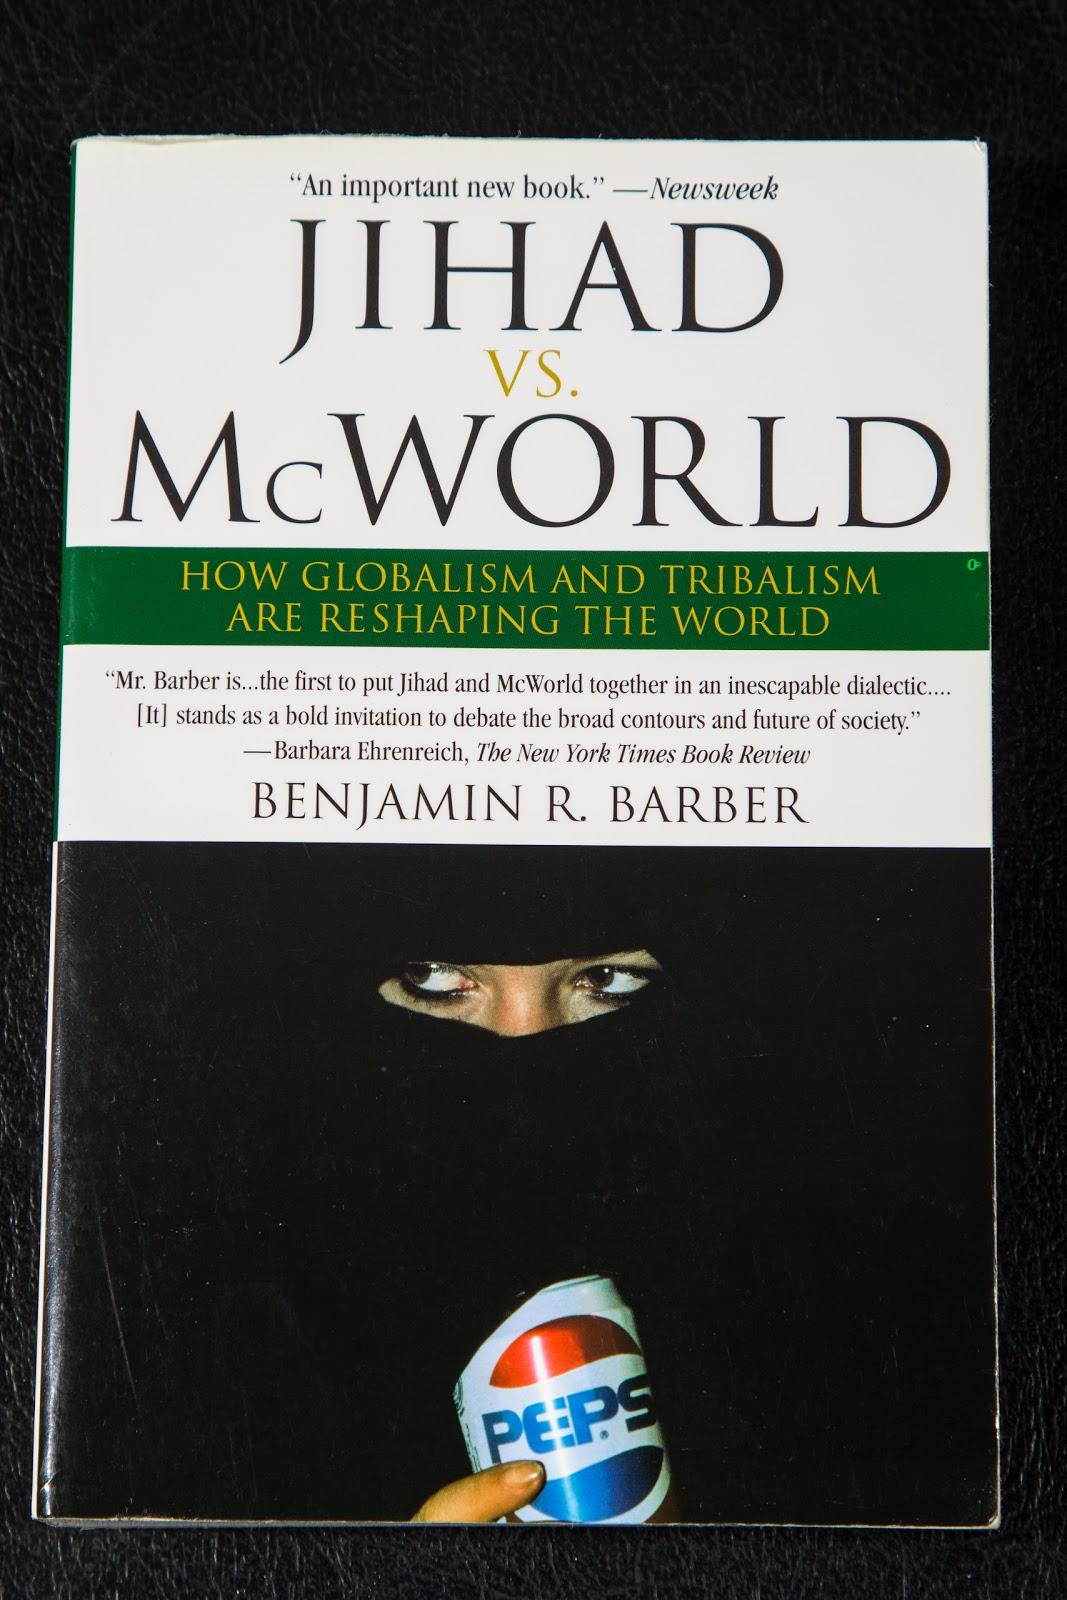 thesis of jihad vs mcworld